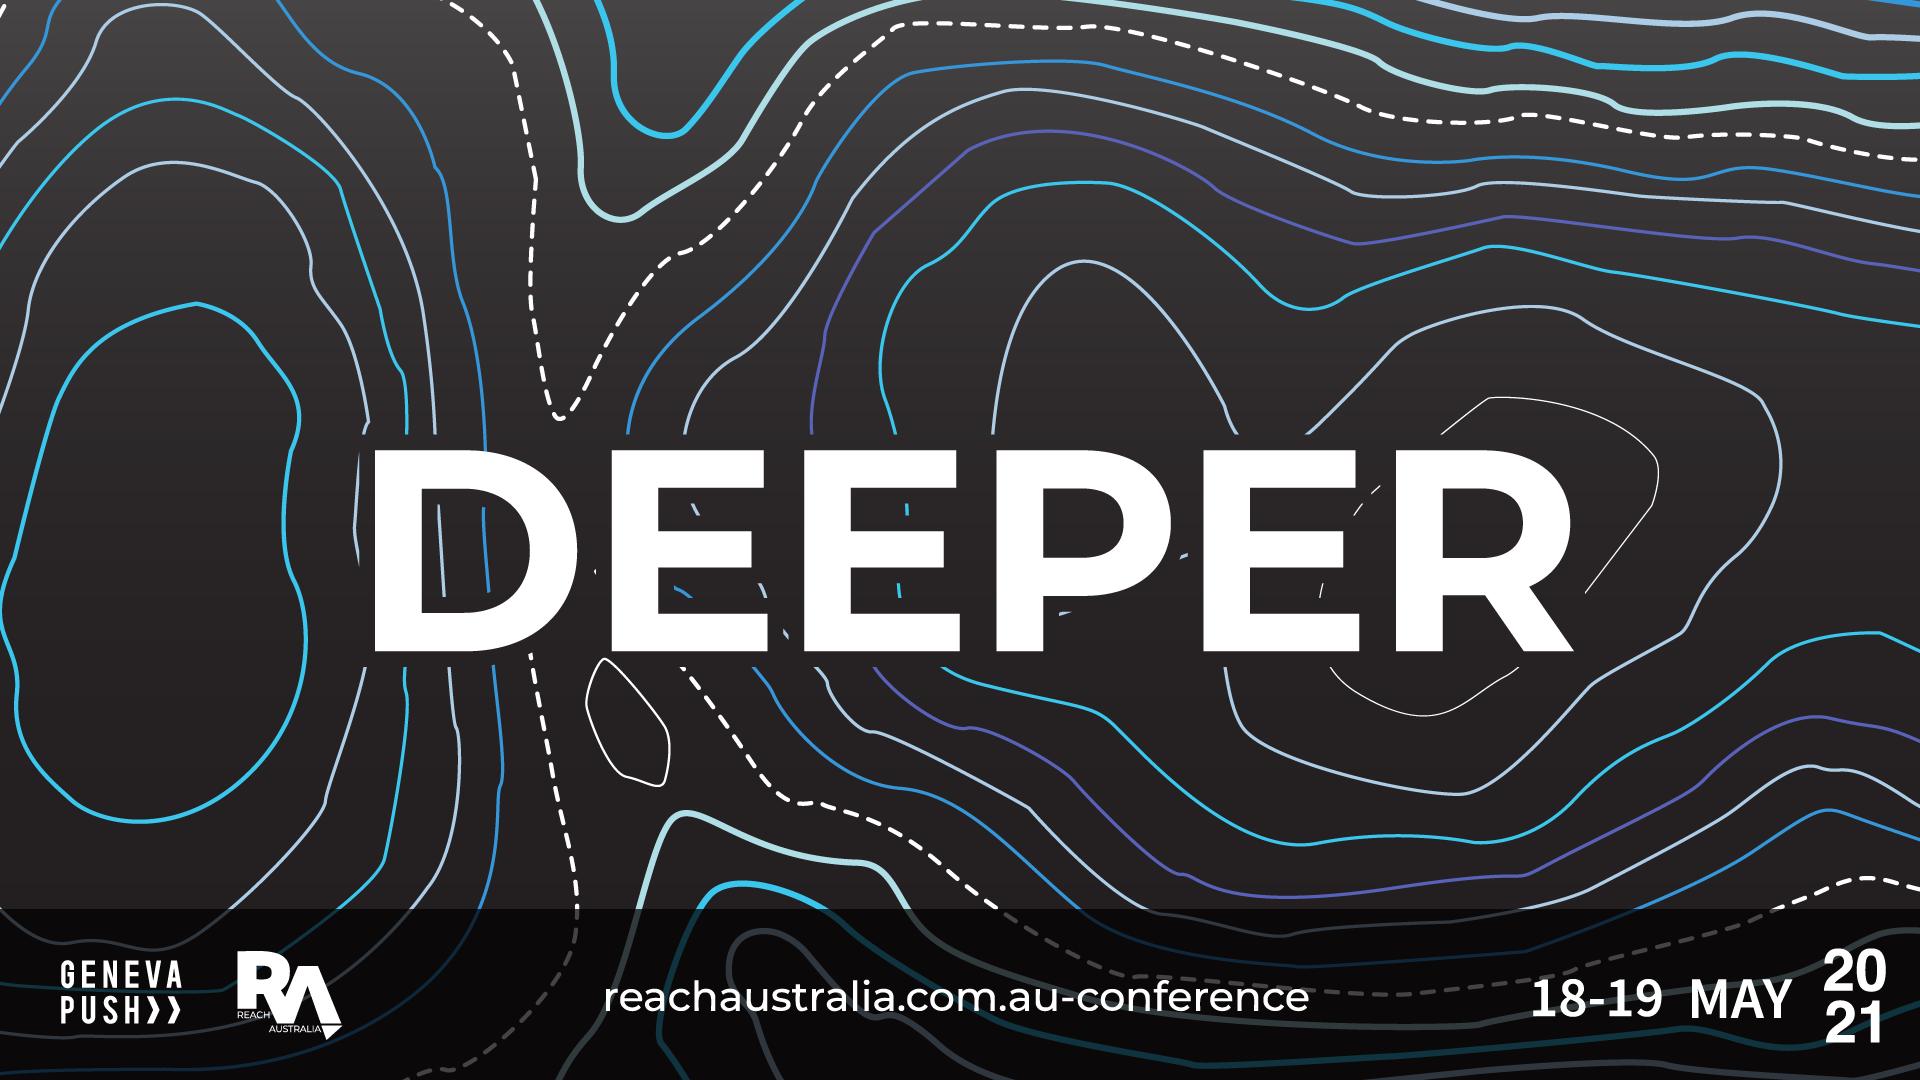 deeper logo Reach Australia Reach Australia